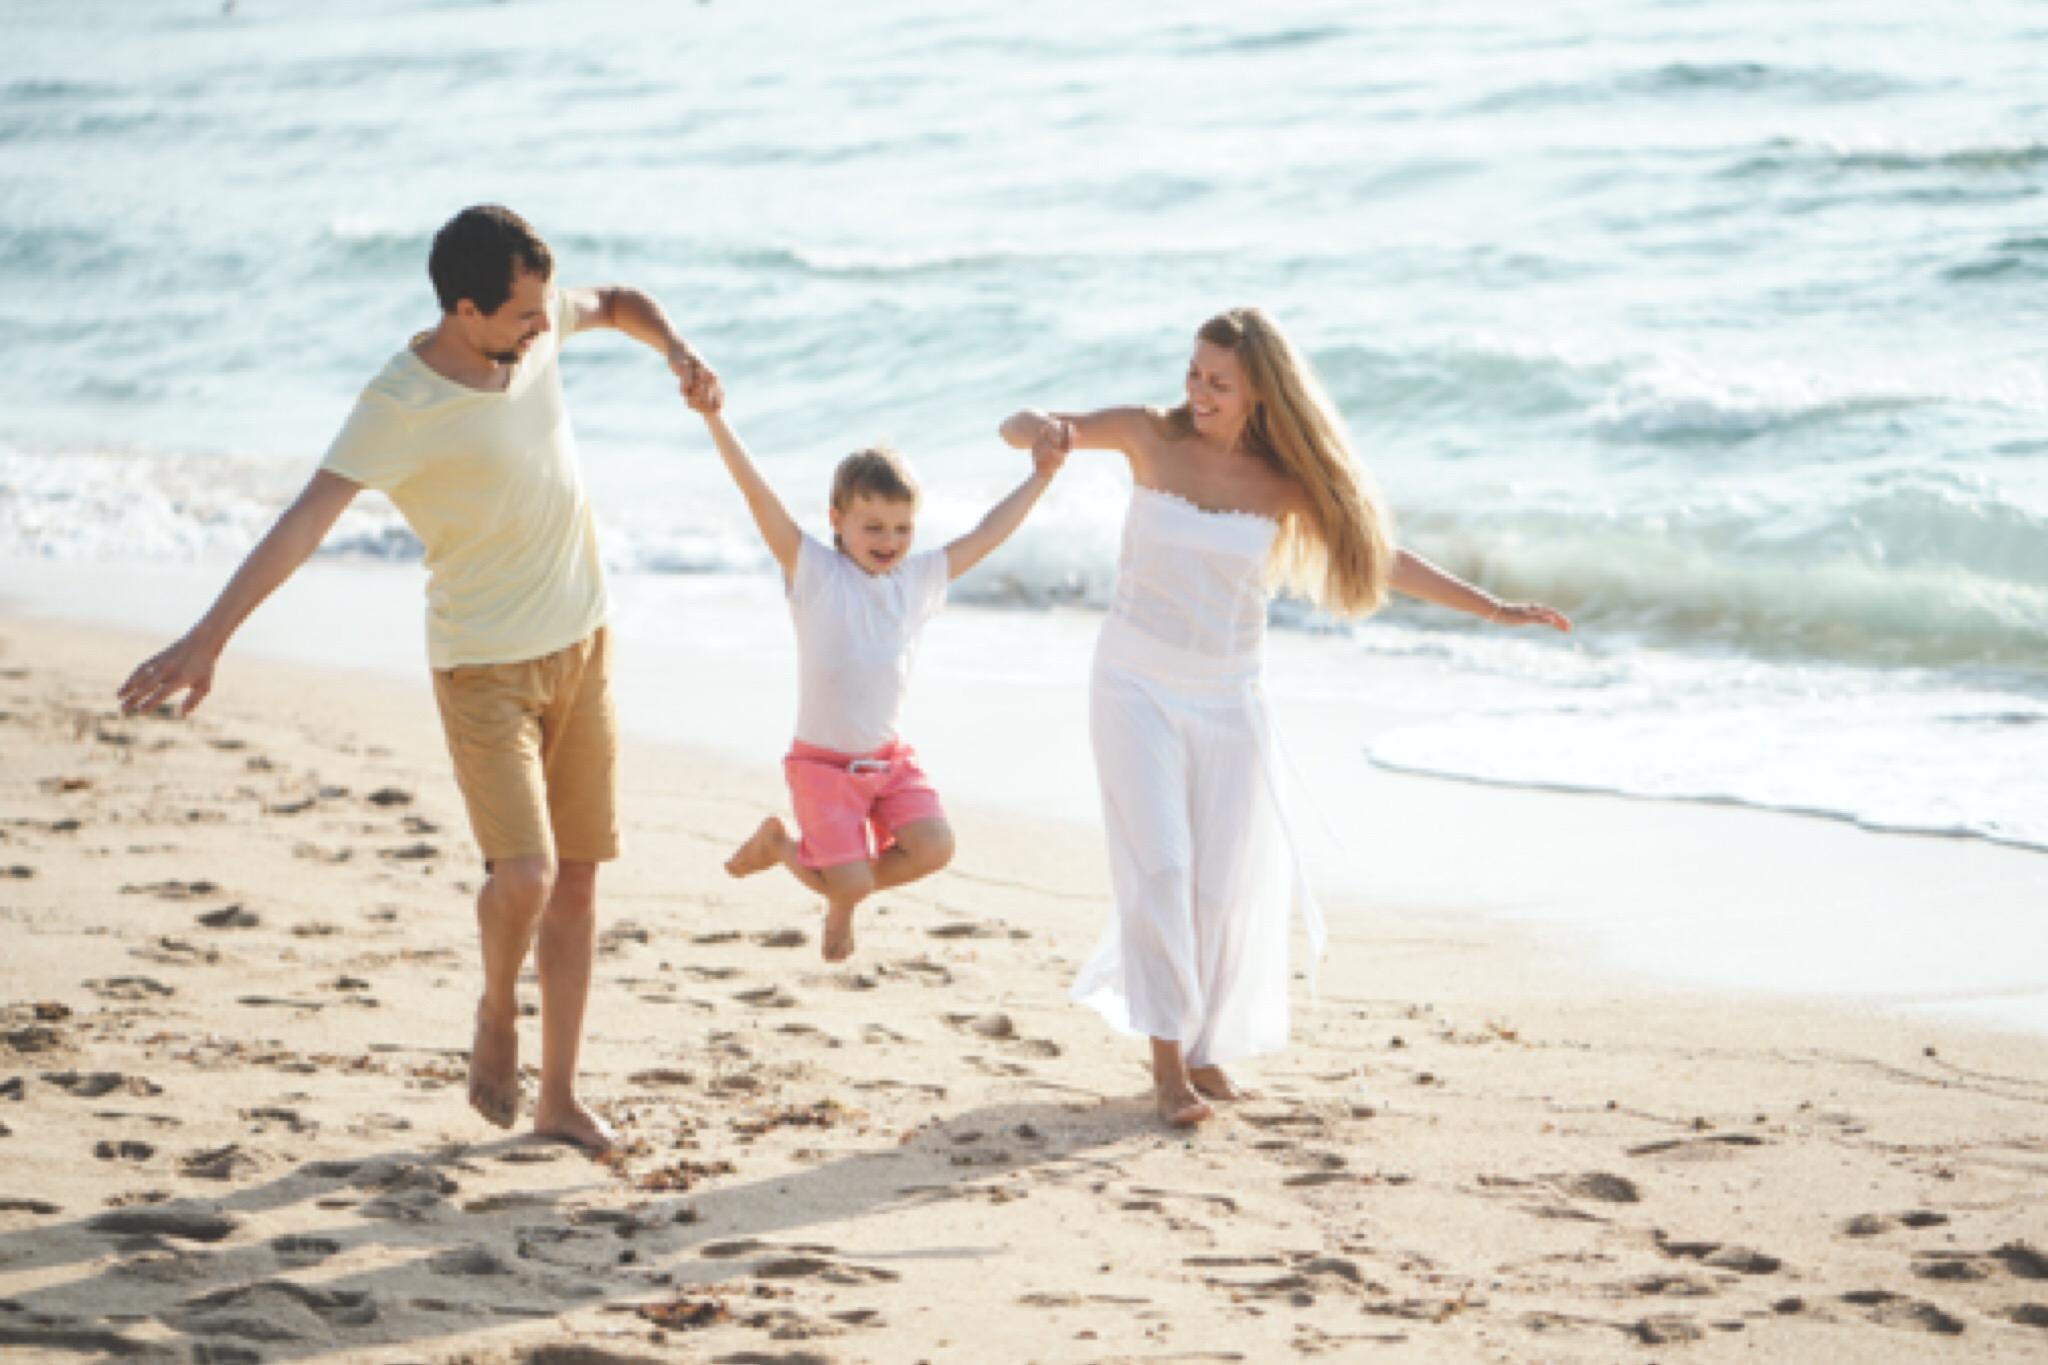 Urlaub mit der Familie - Familienurlaub Tipps